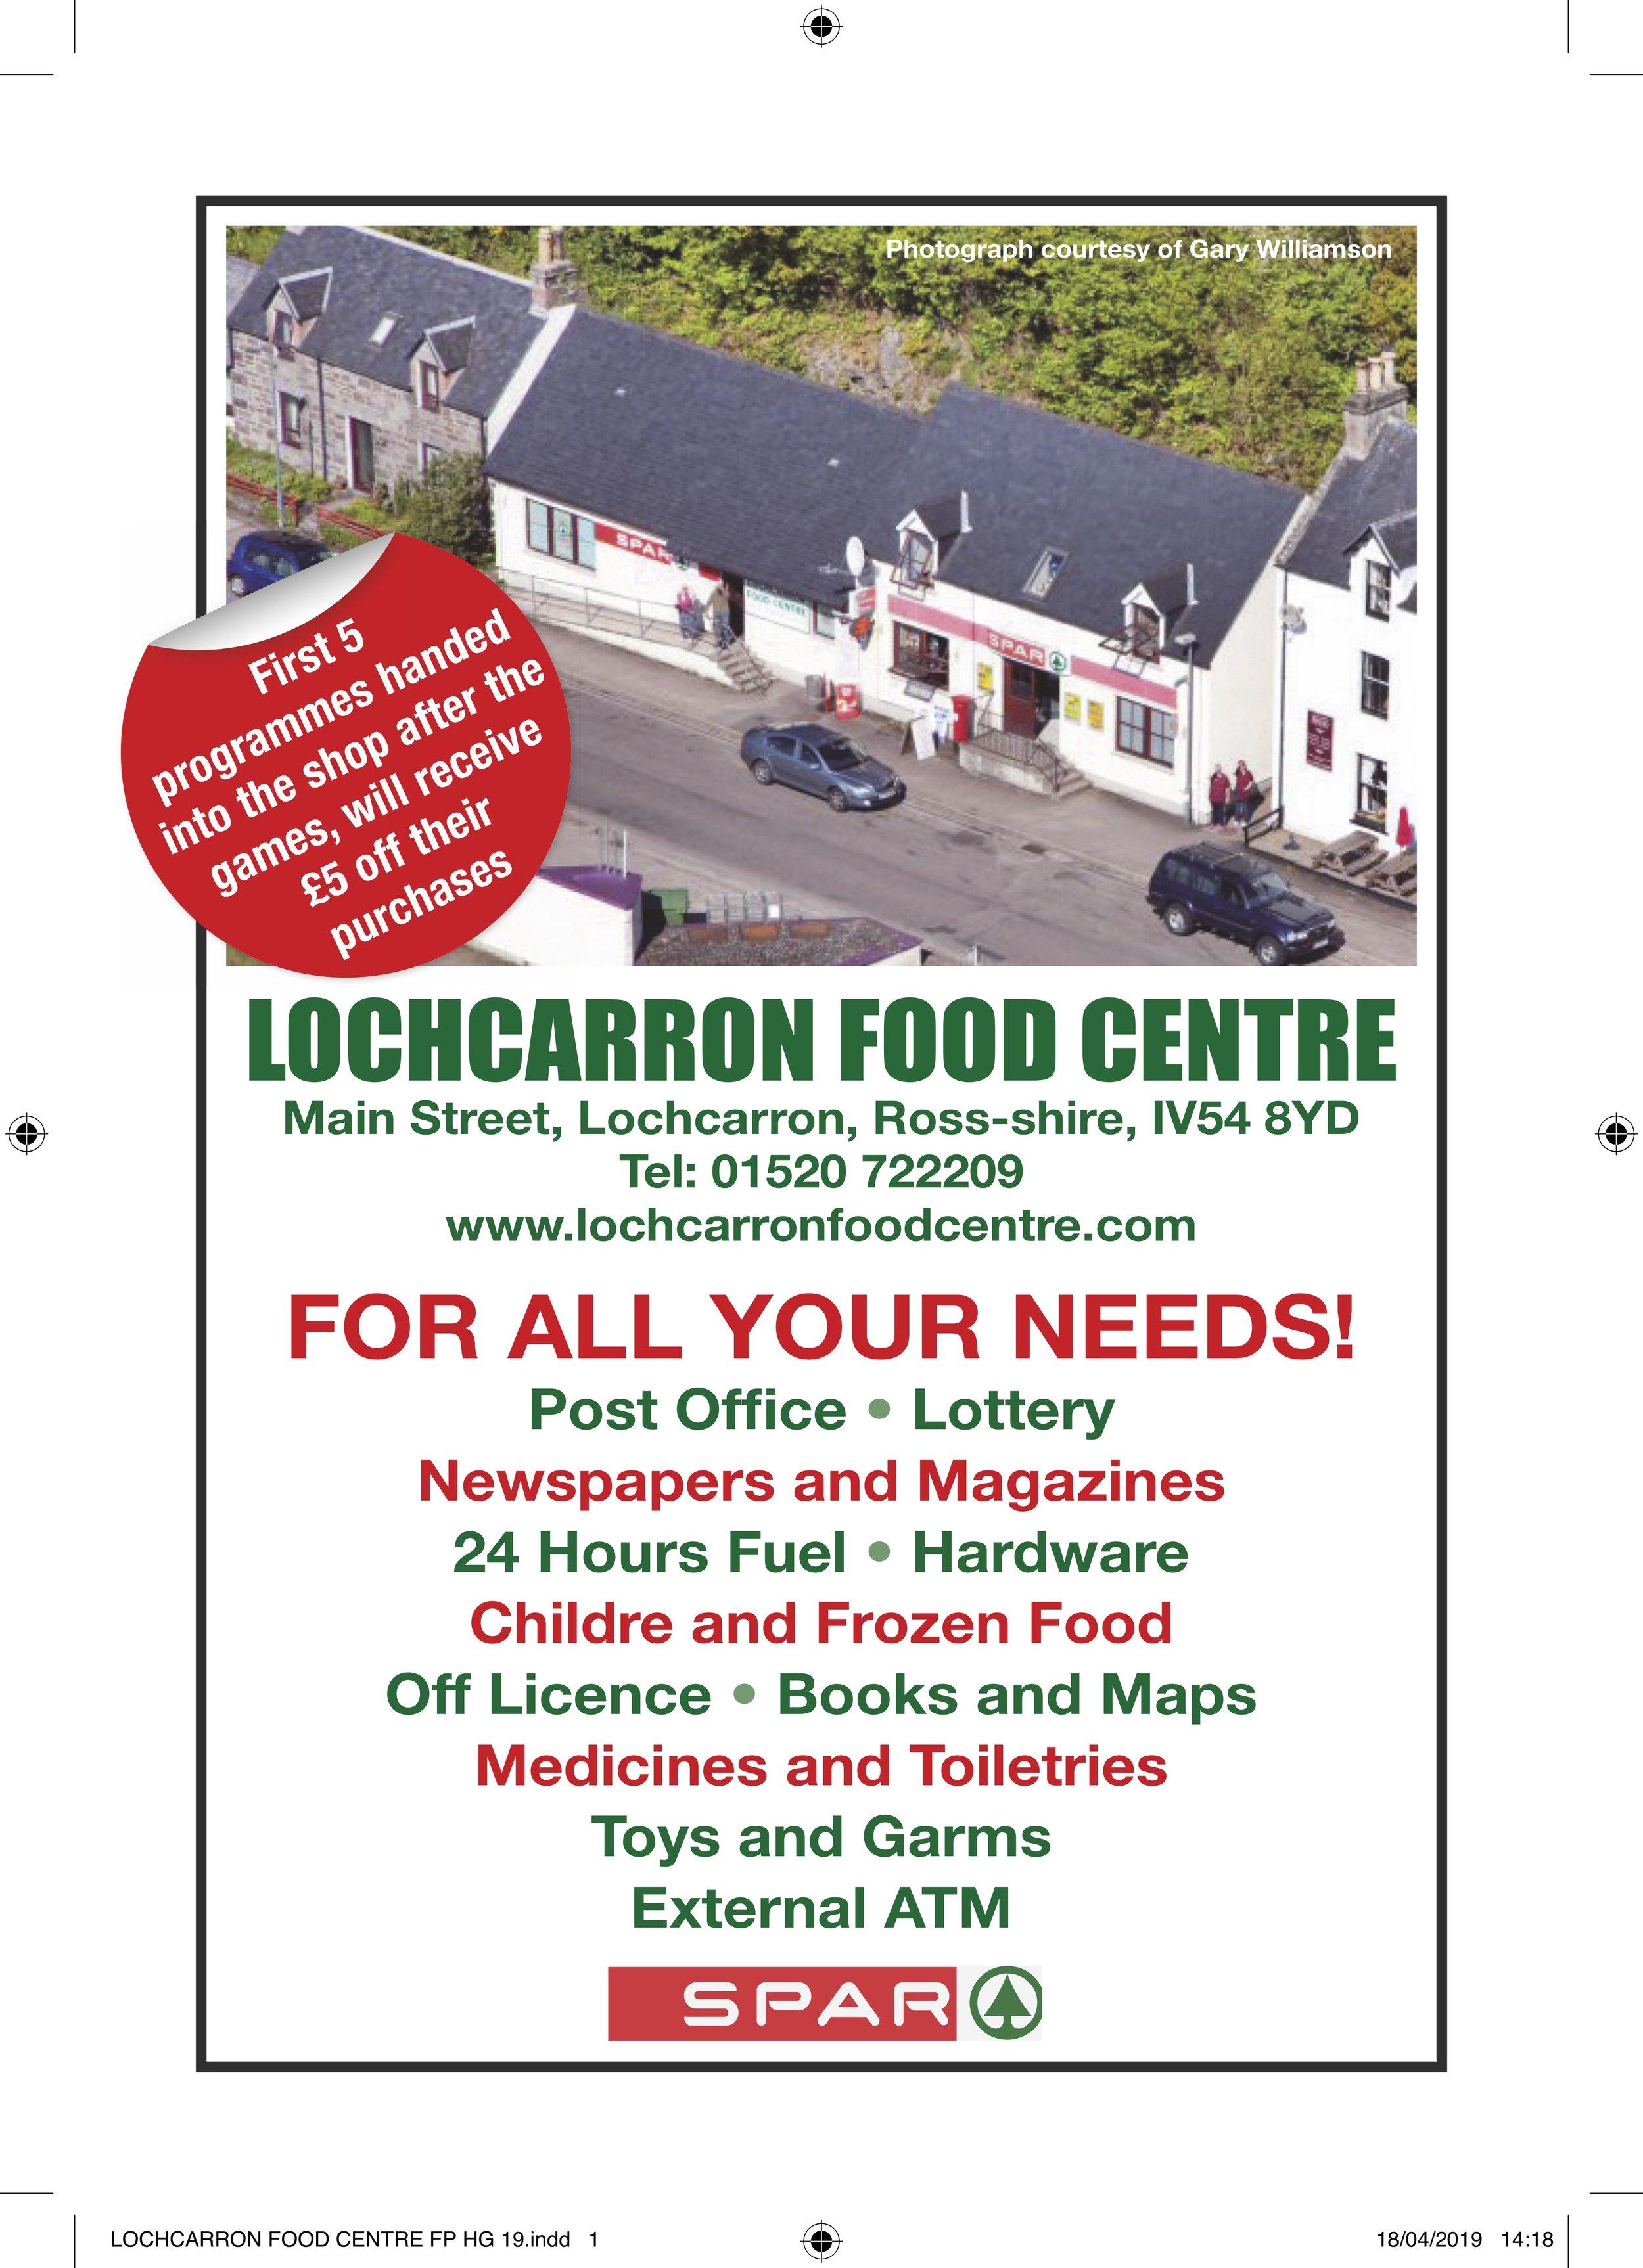 LOCHCARRON FOOD CENTRE FP HG 19.jpg